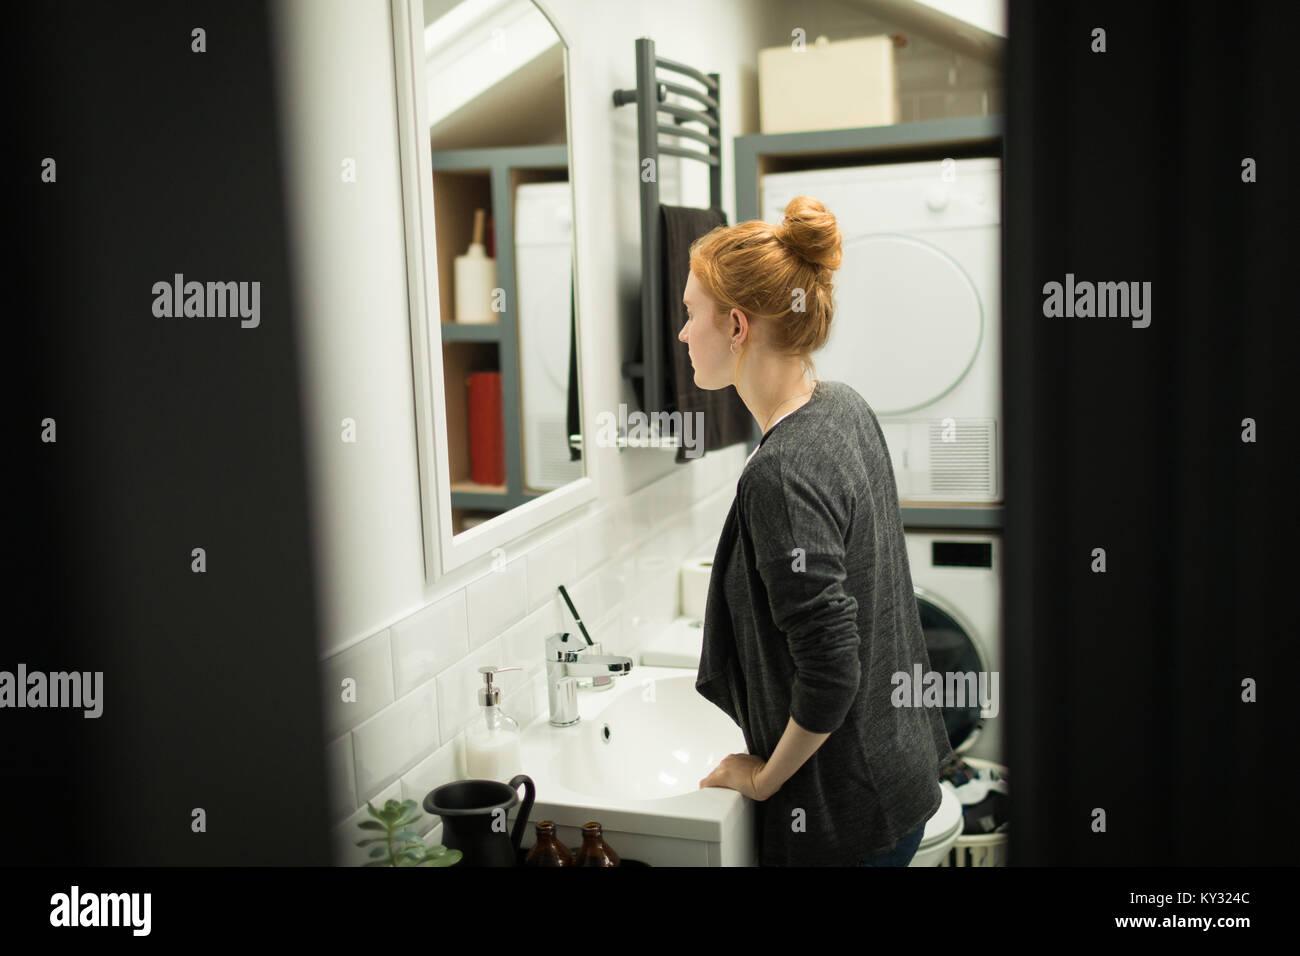 Mujer joven mirando en el espejo del baño Imagen De Stock